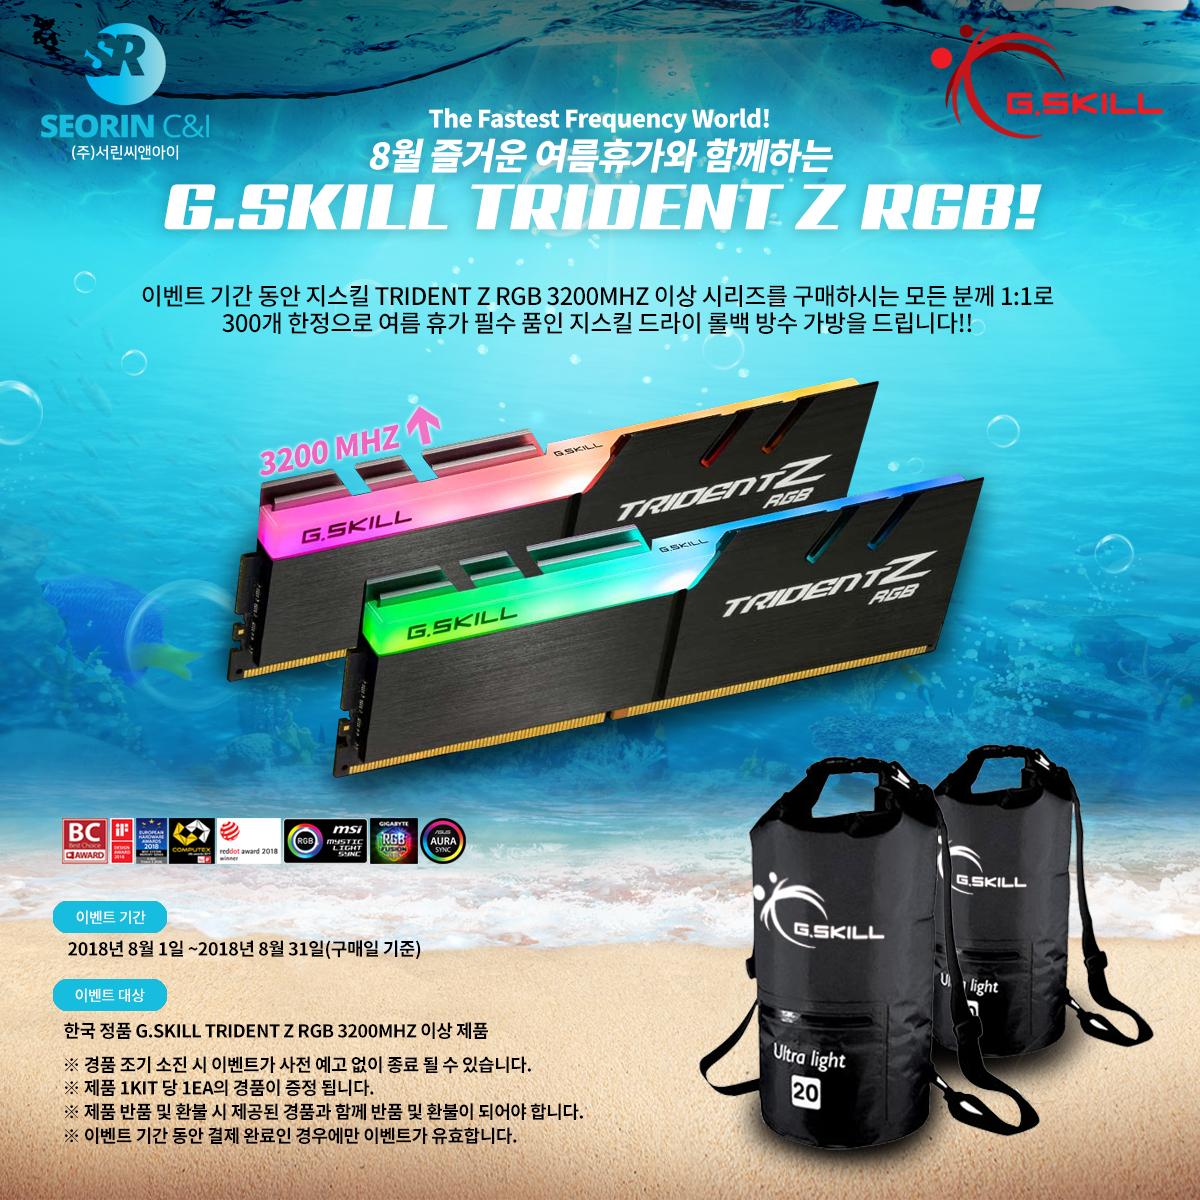 8월 즐거운 여름 G.SKILL TRIDENT Z RGB 3200MHZ 이상 구매 시 드라이롤백방수가방 증정